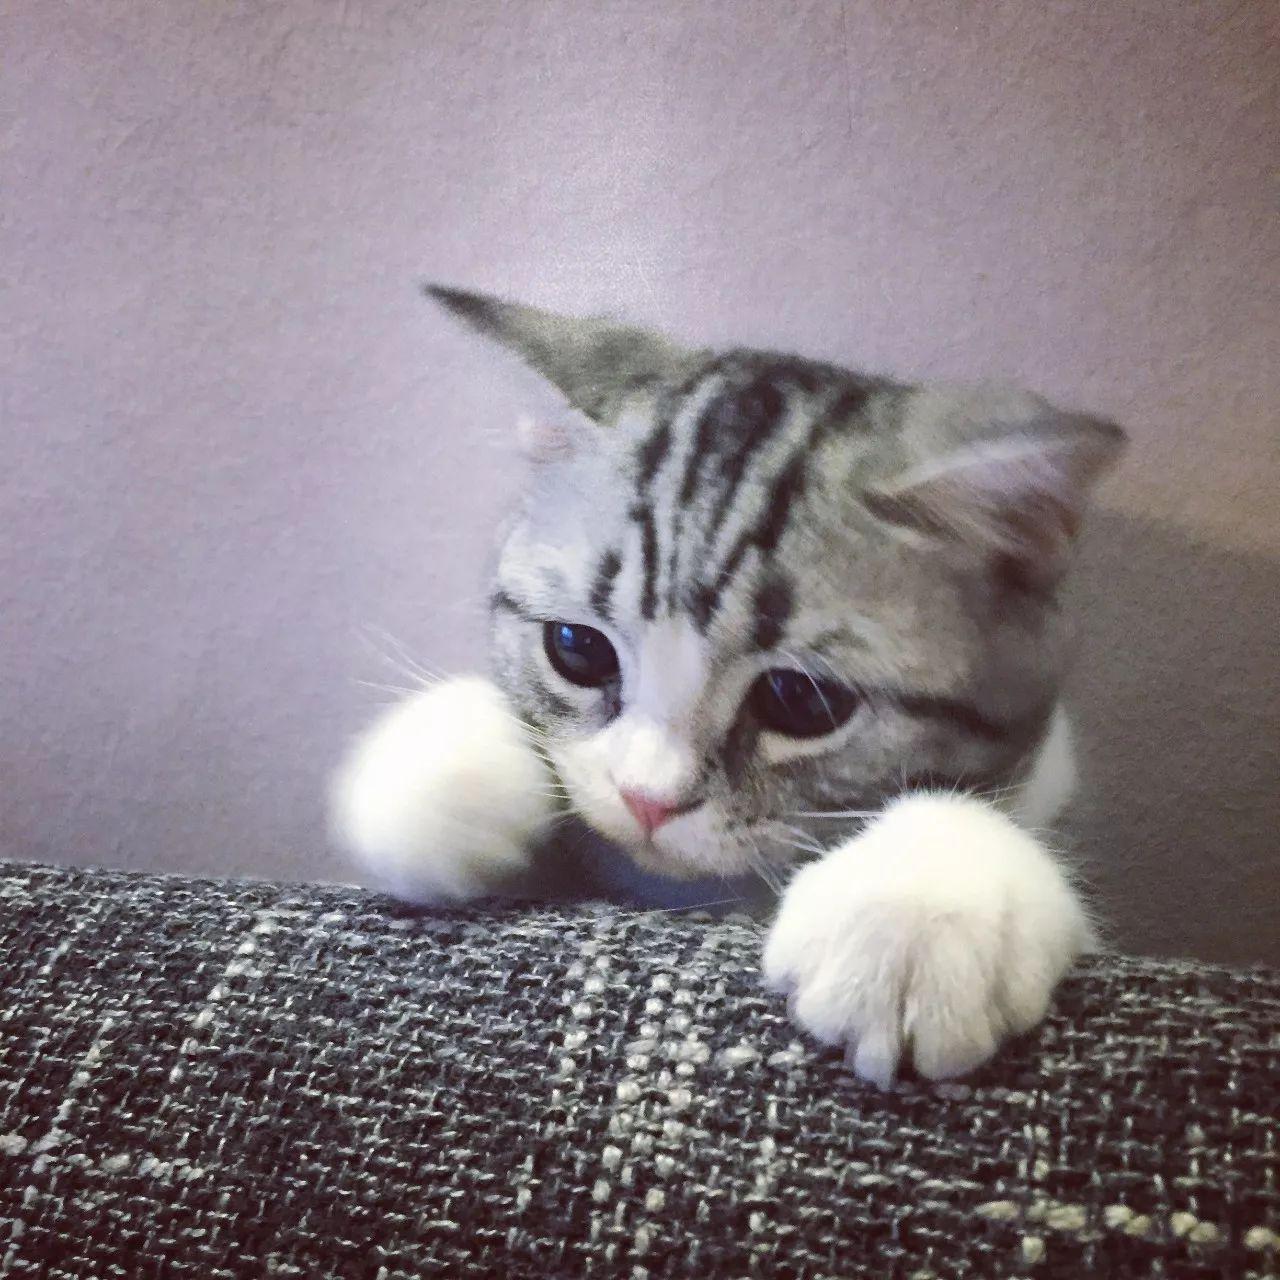 虚拟宠物猫叫价13亿 区块链比特币再引热议 - 点击图片进入下一页